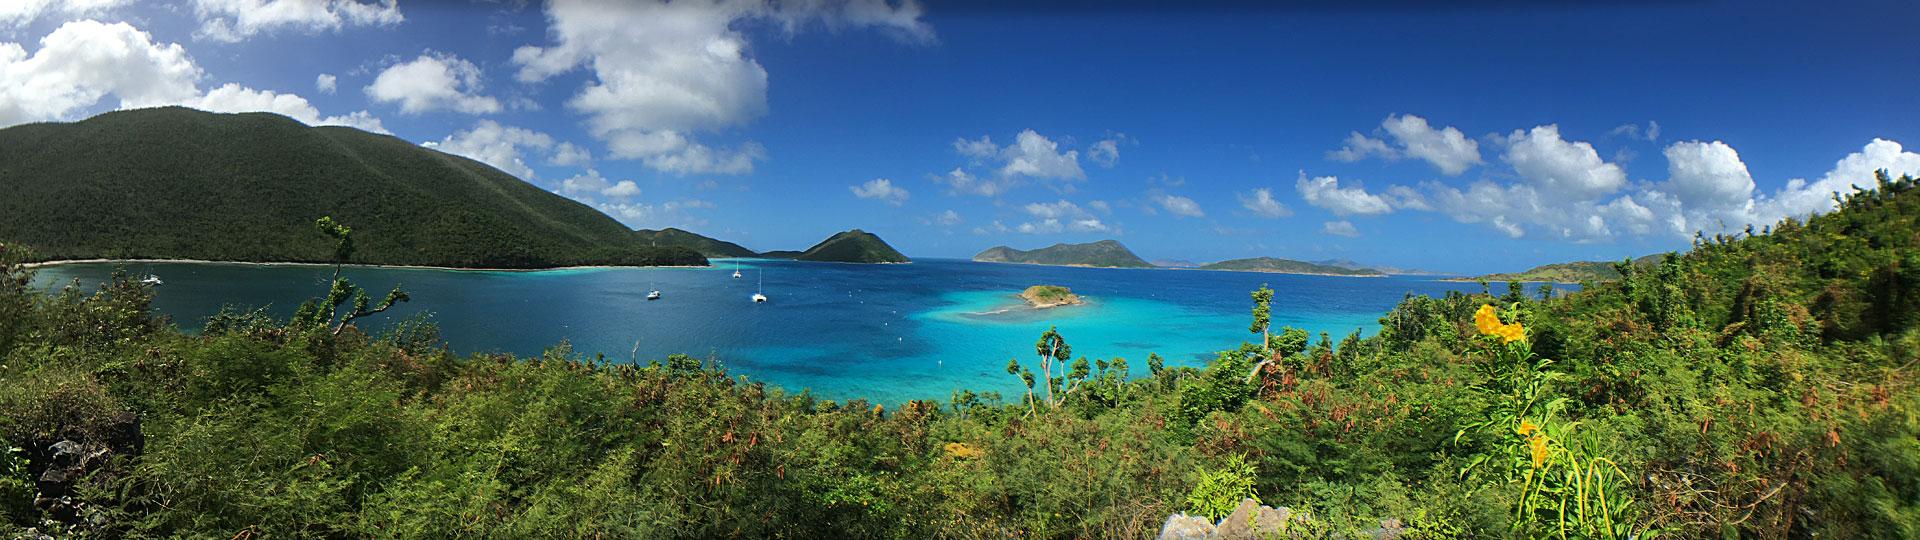 Waterlemon Cay St john panorama